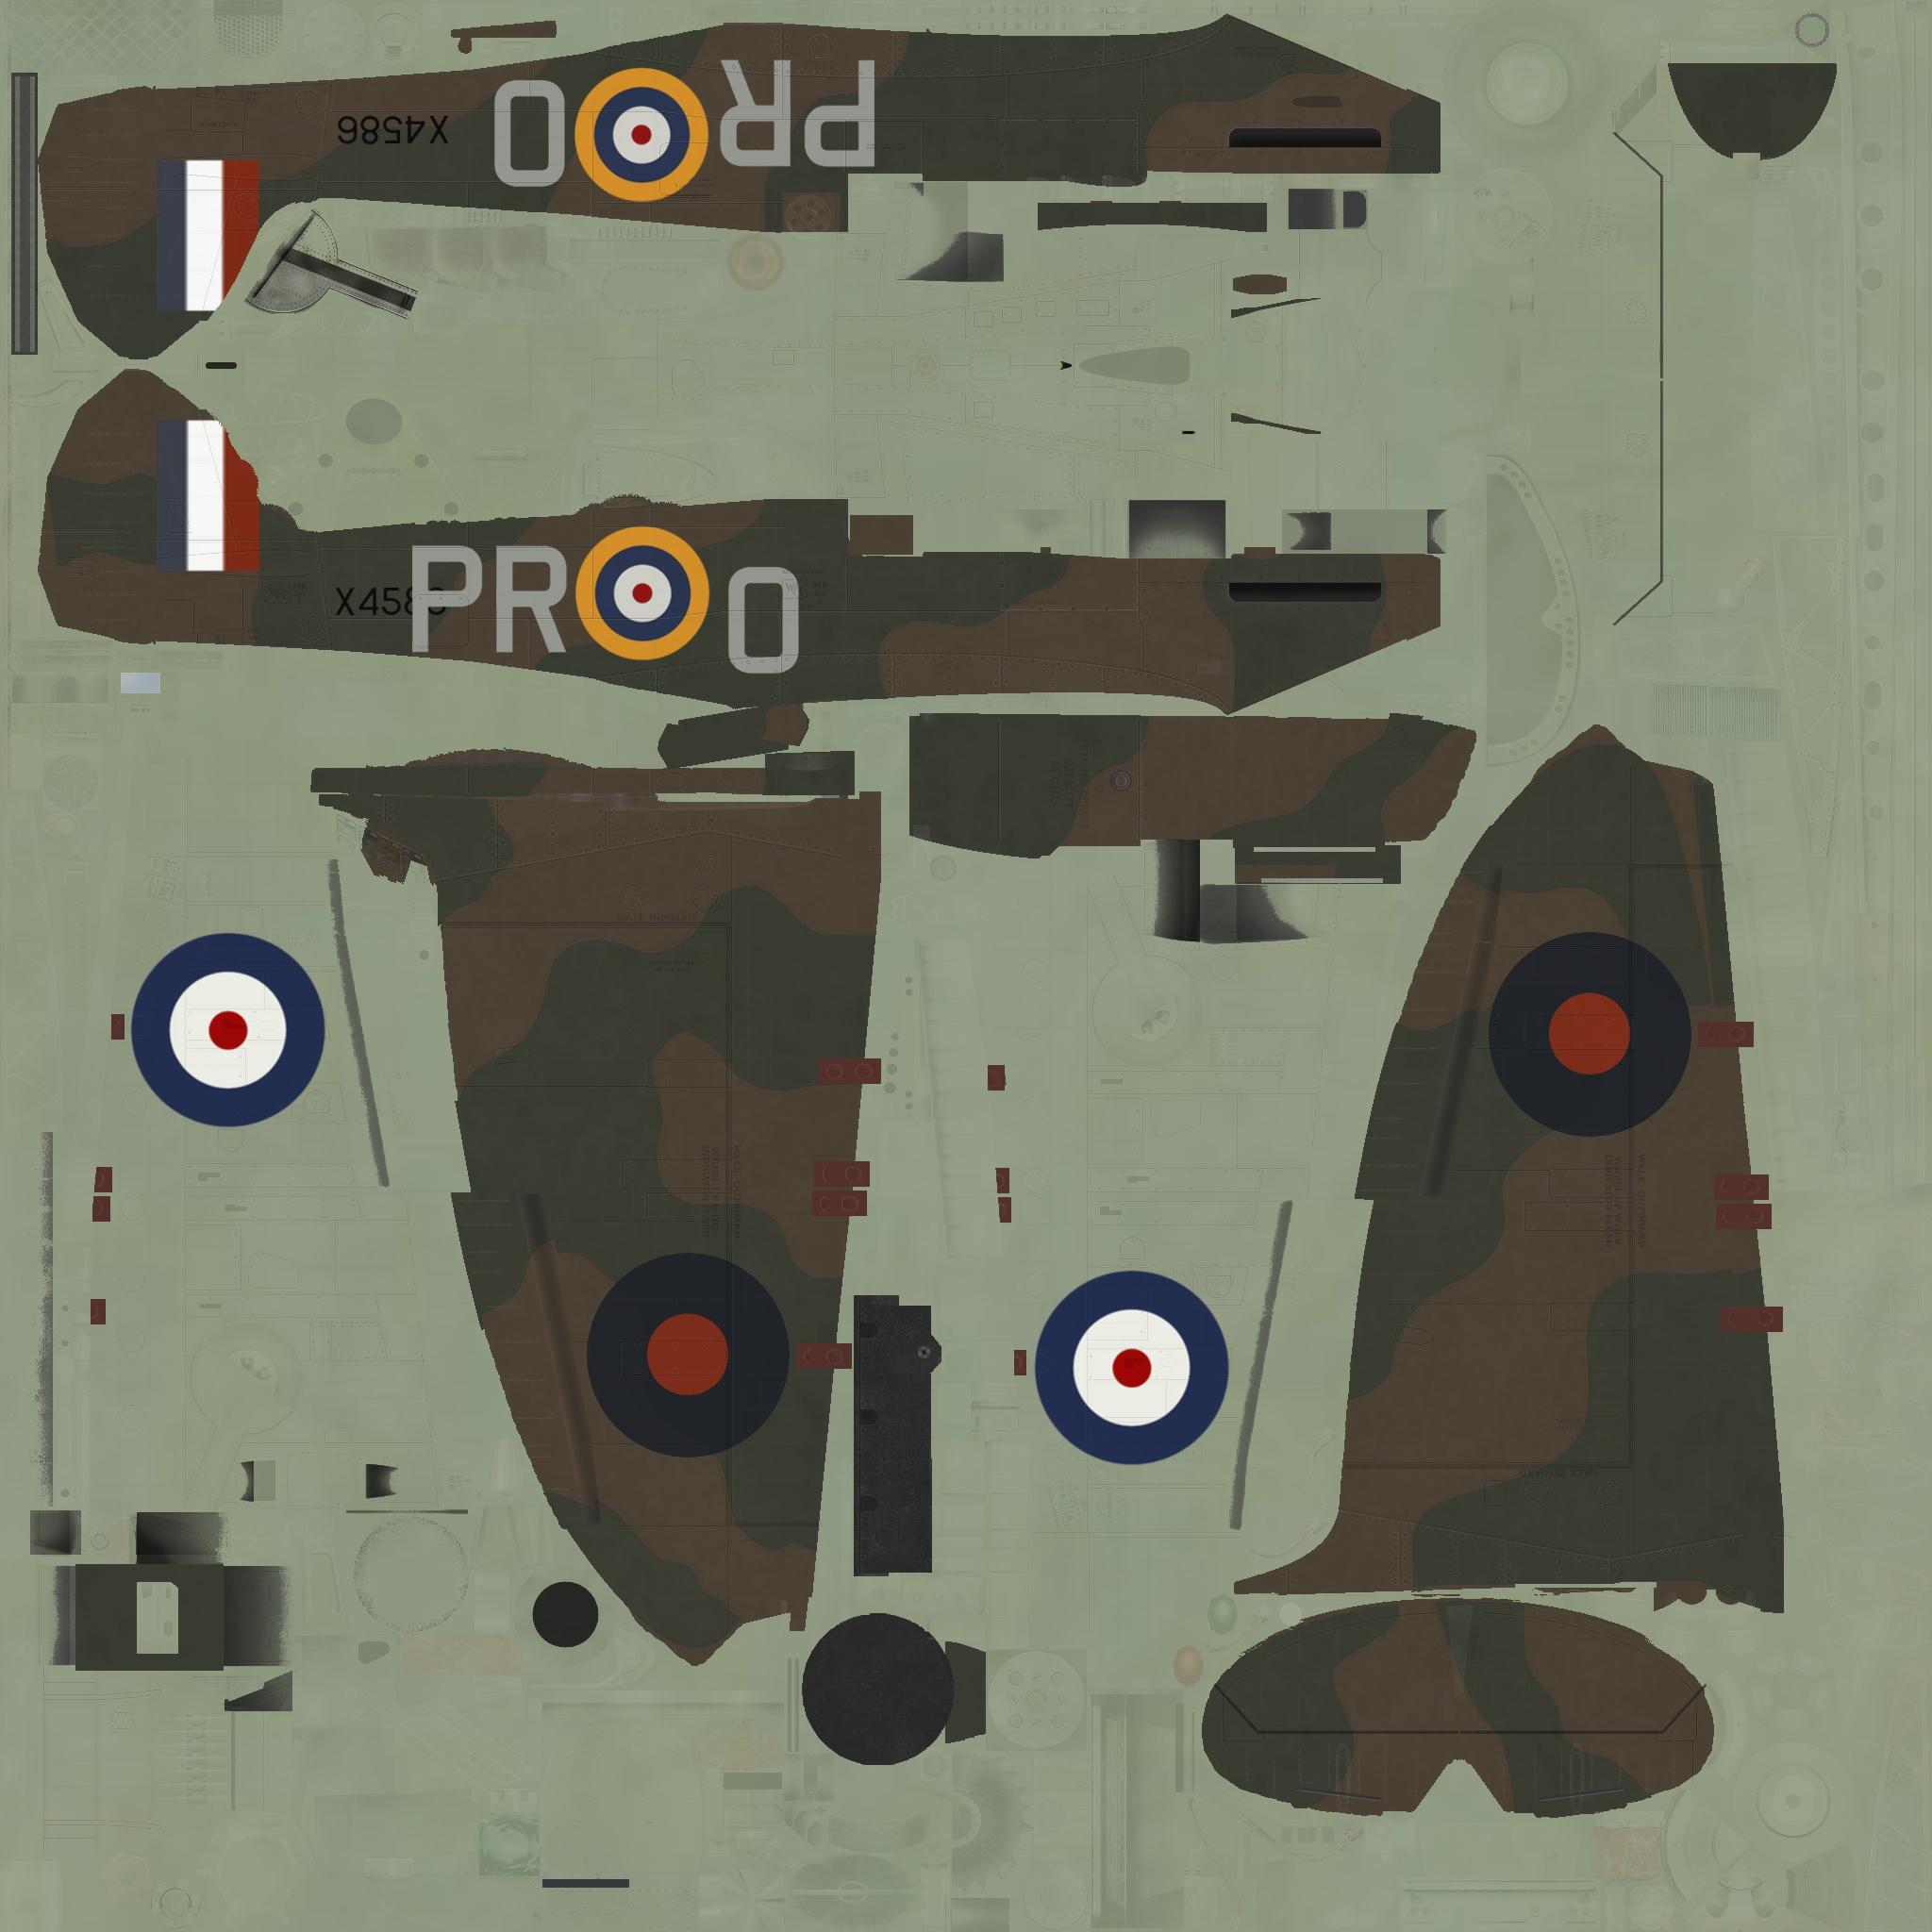 COD C6 MkI RAF 609Sqn PRO X4586 Middle Wallop 1940